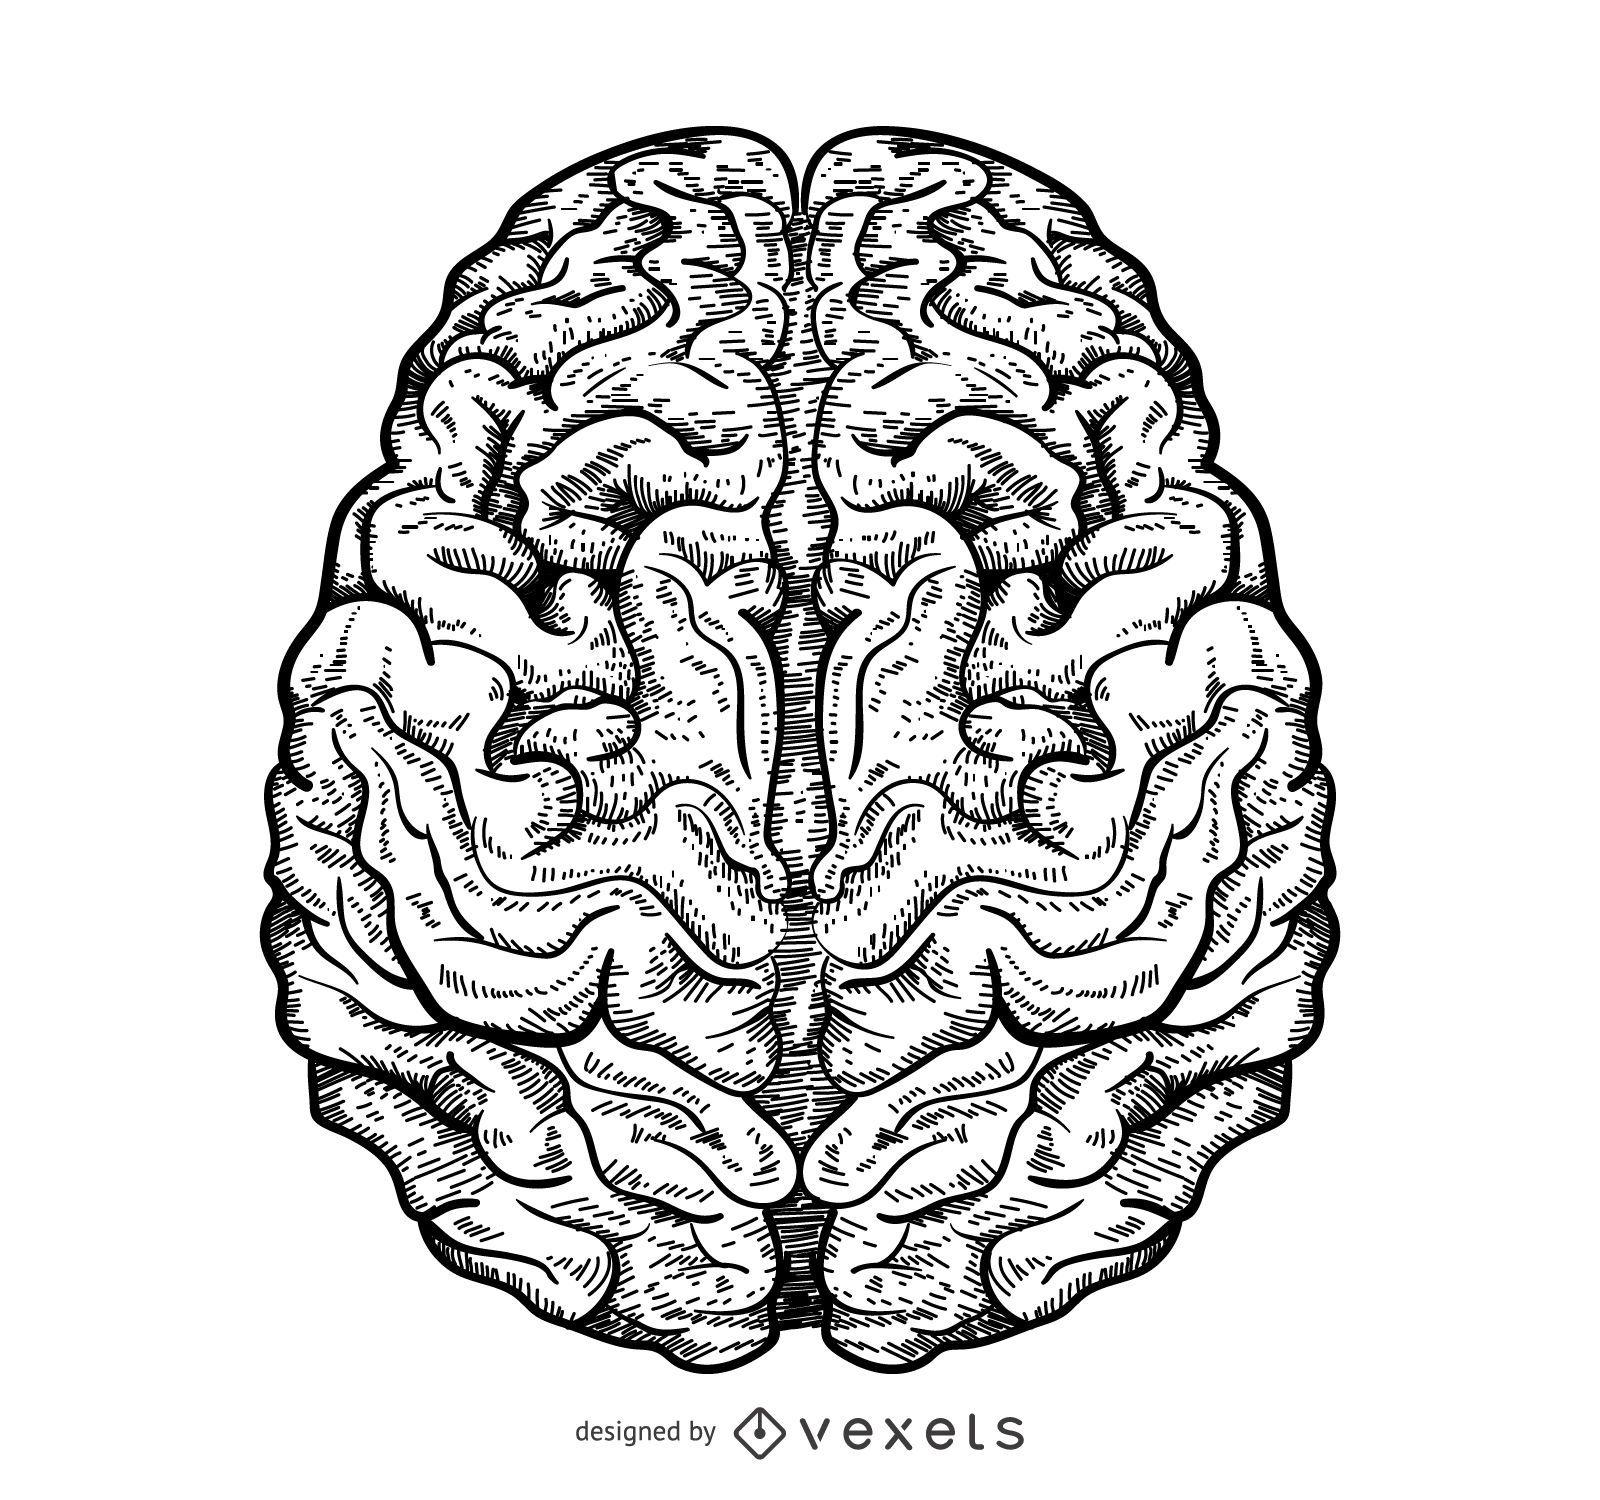 Isolated brain illustration